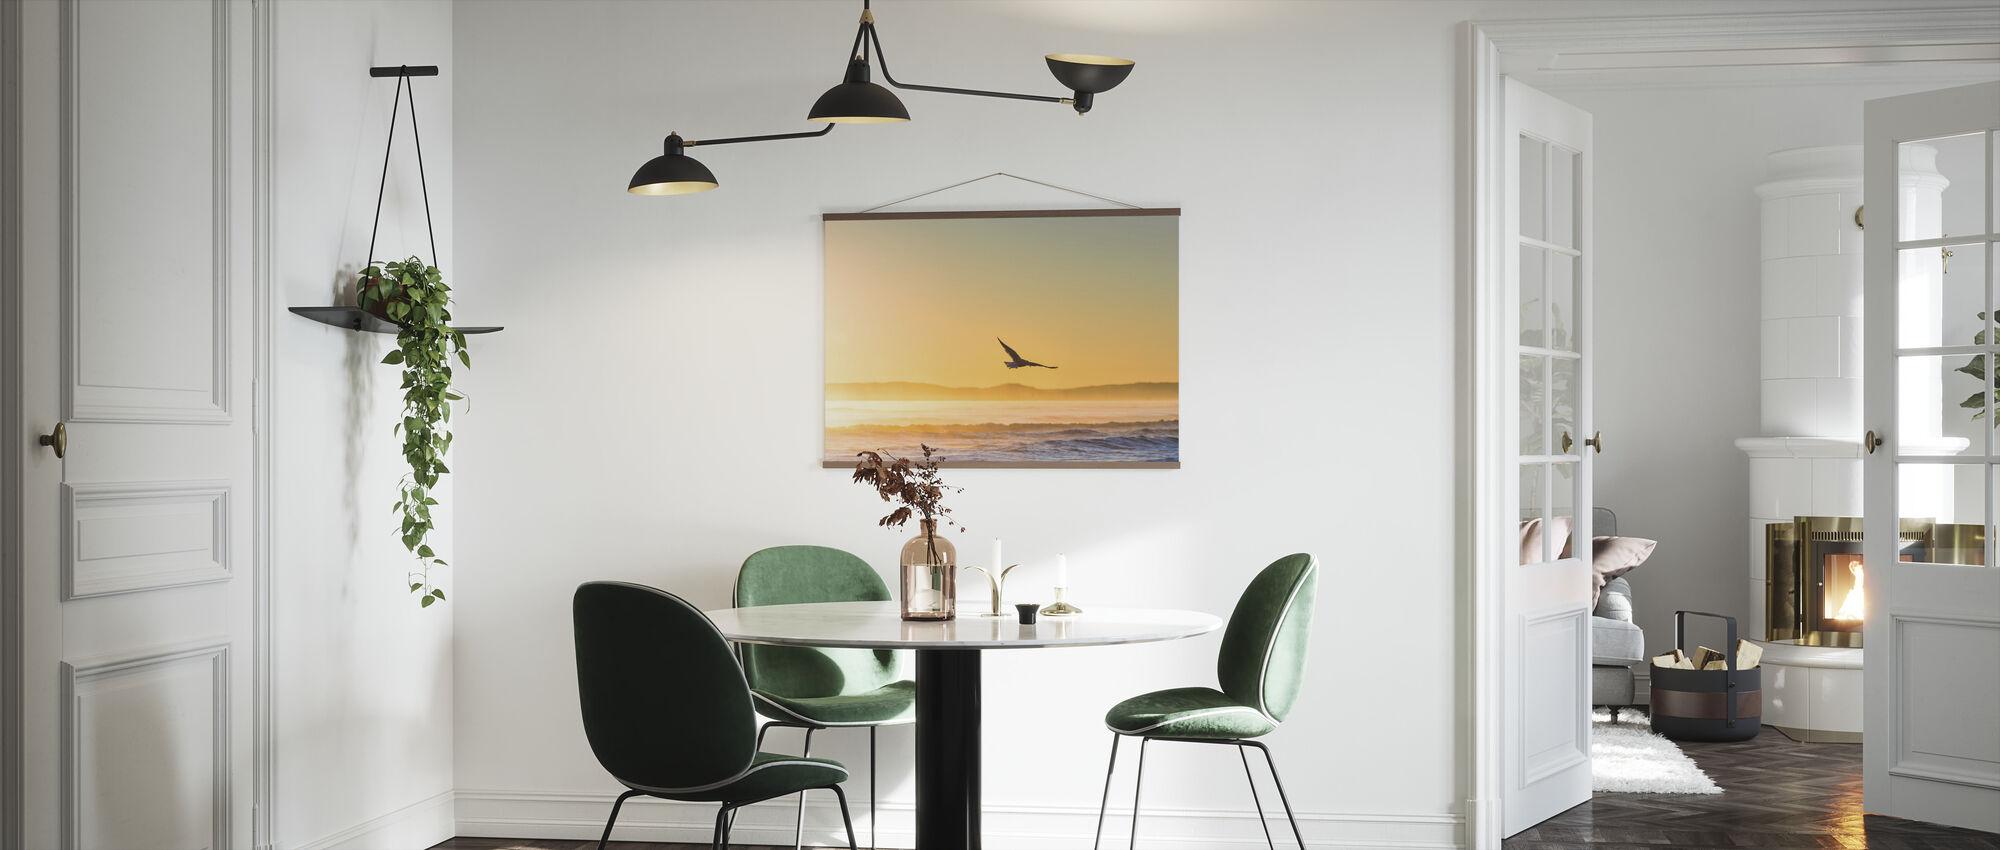 Vliegende meeuw - Poster - Keuken